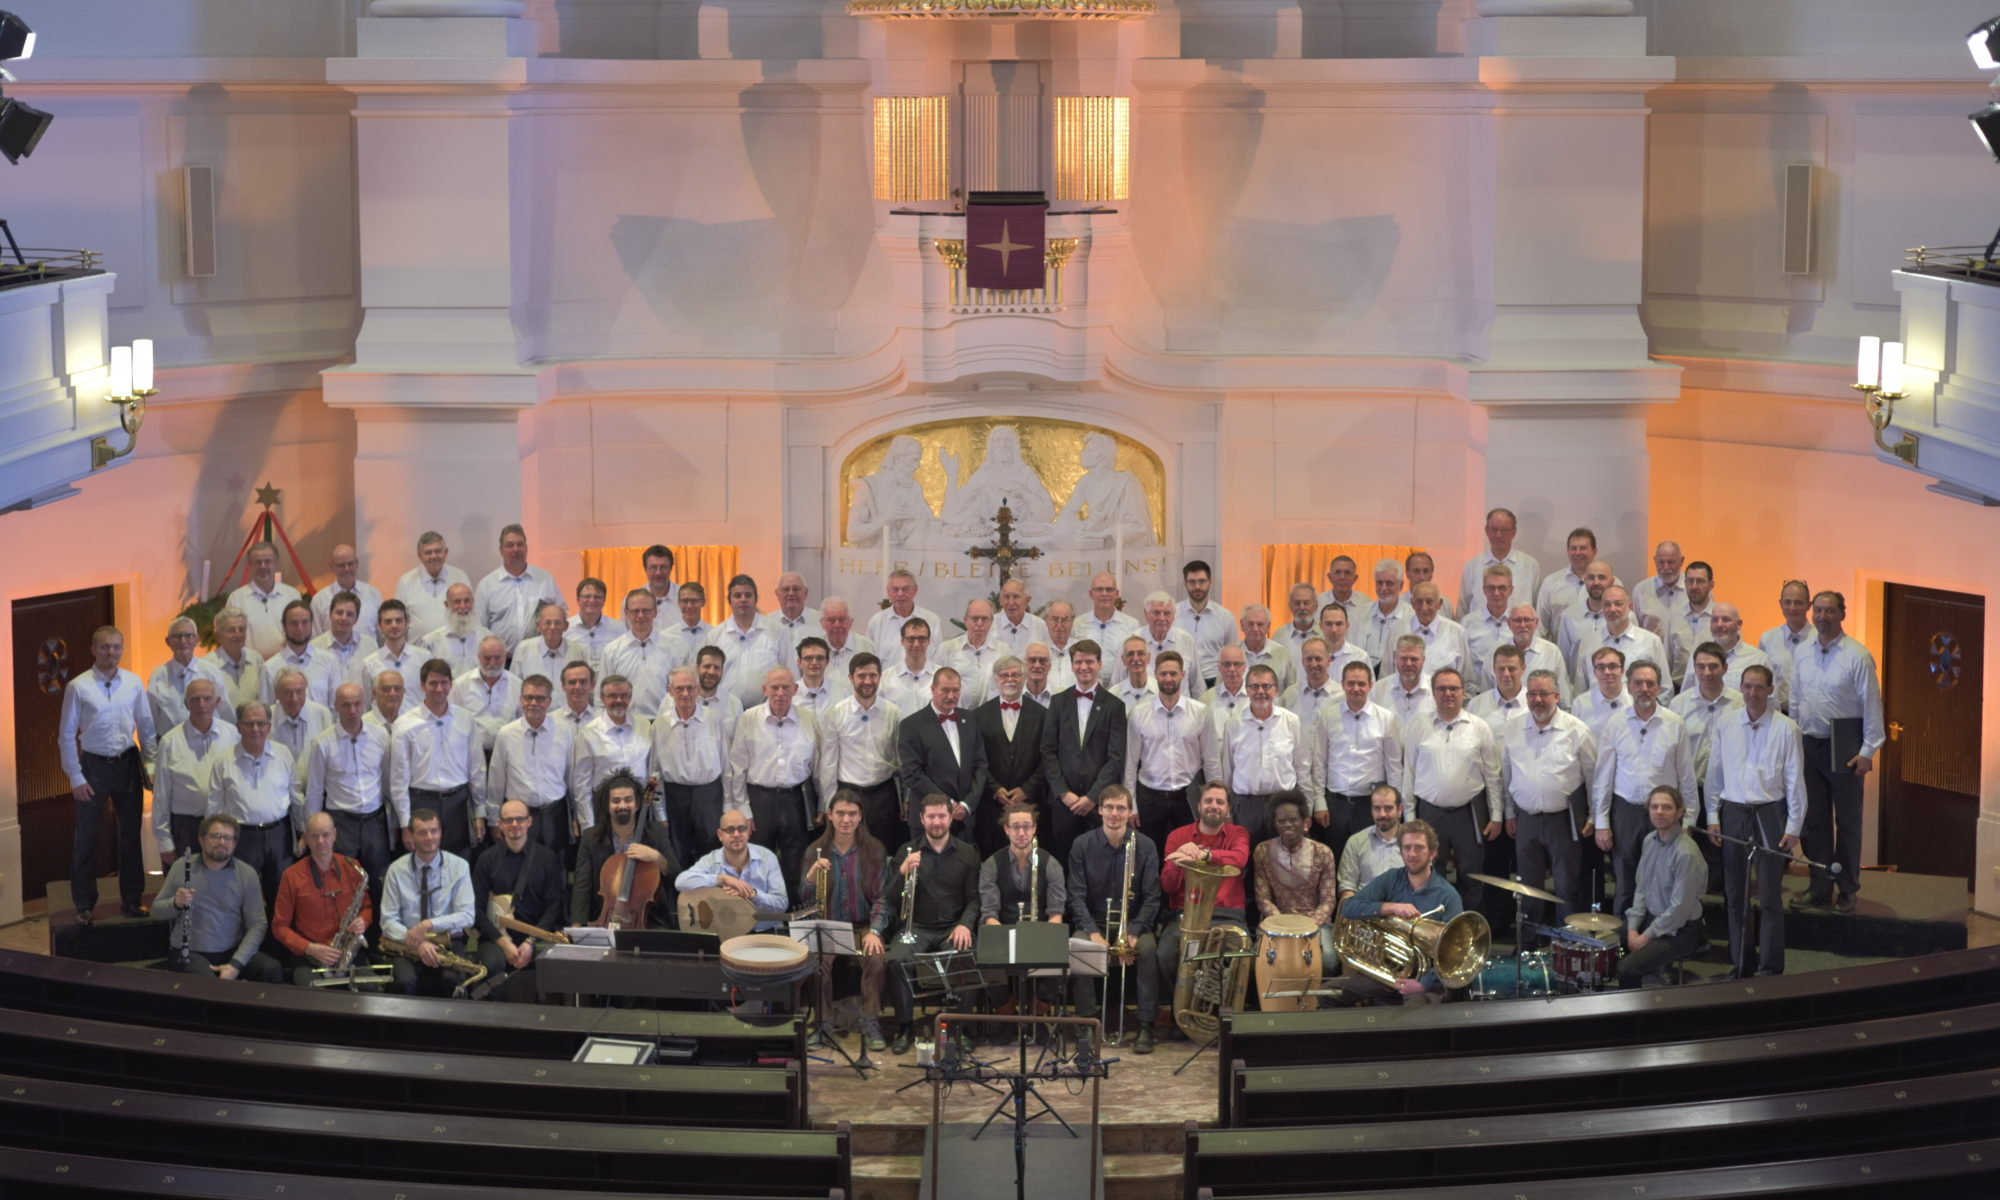 Die Bergfinken in der Annenkirche mit Banda Internationale; Dresden, 08.12.2018